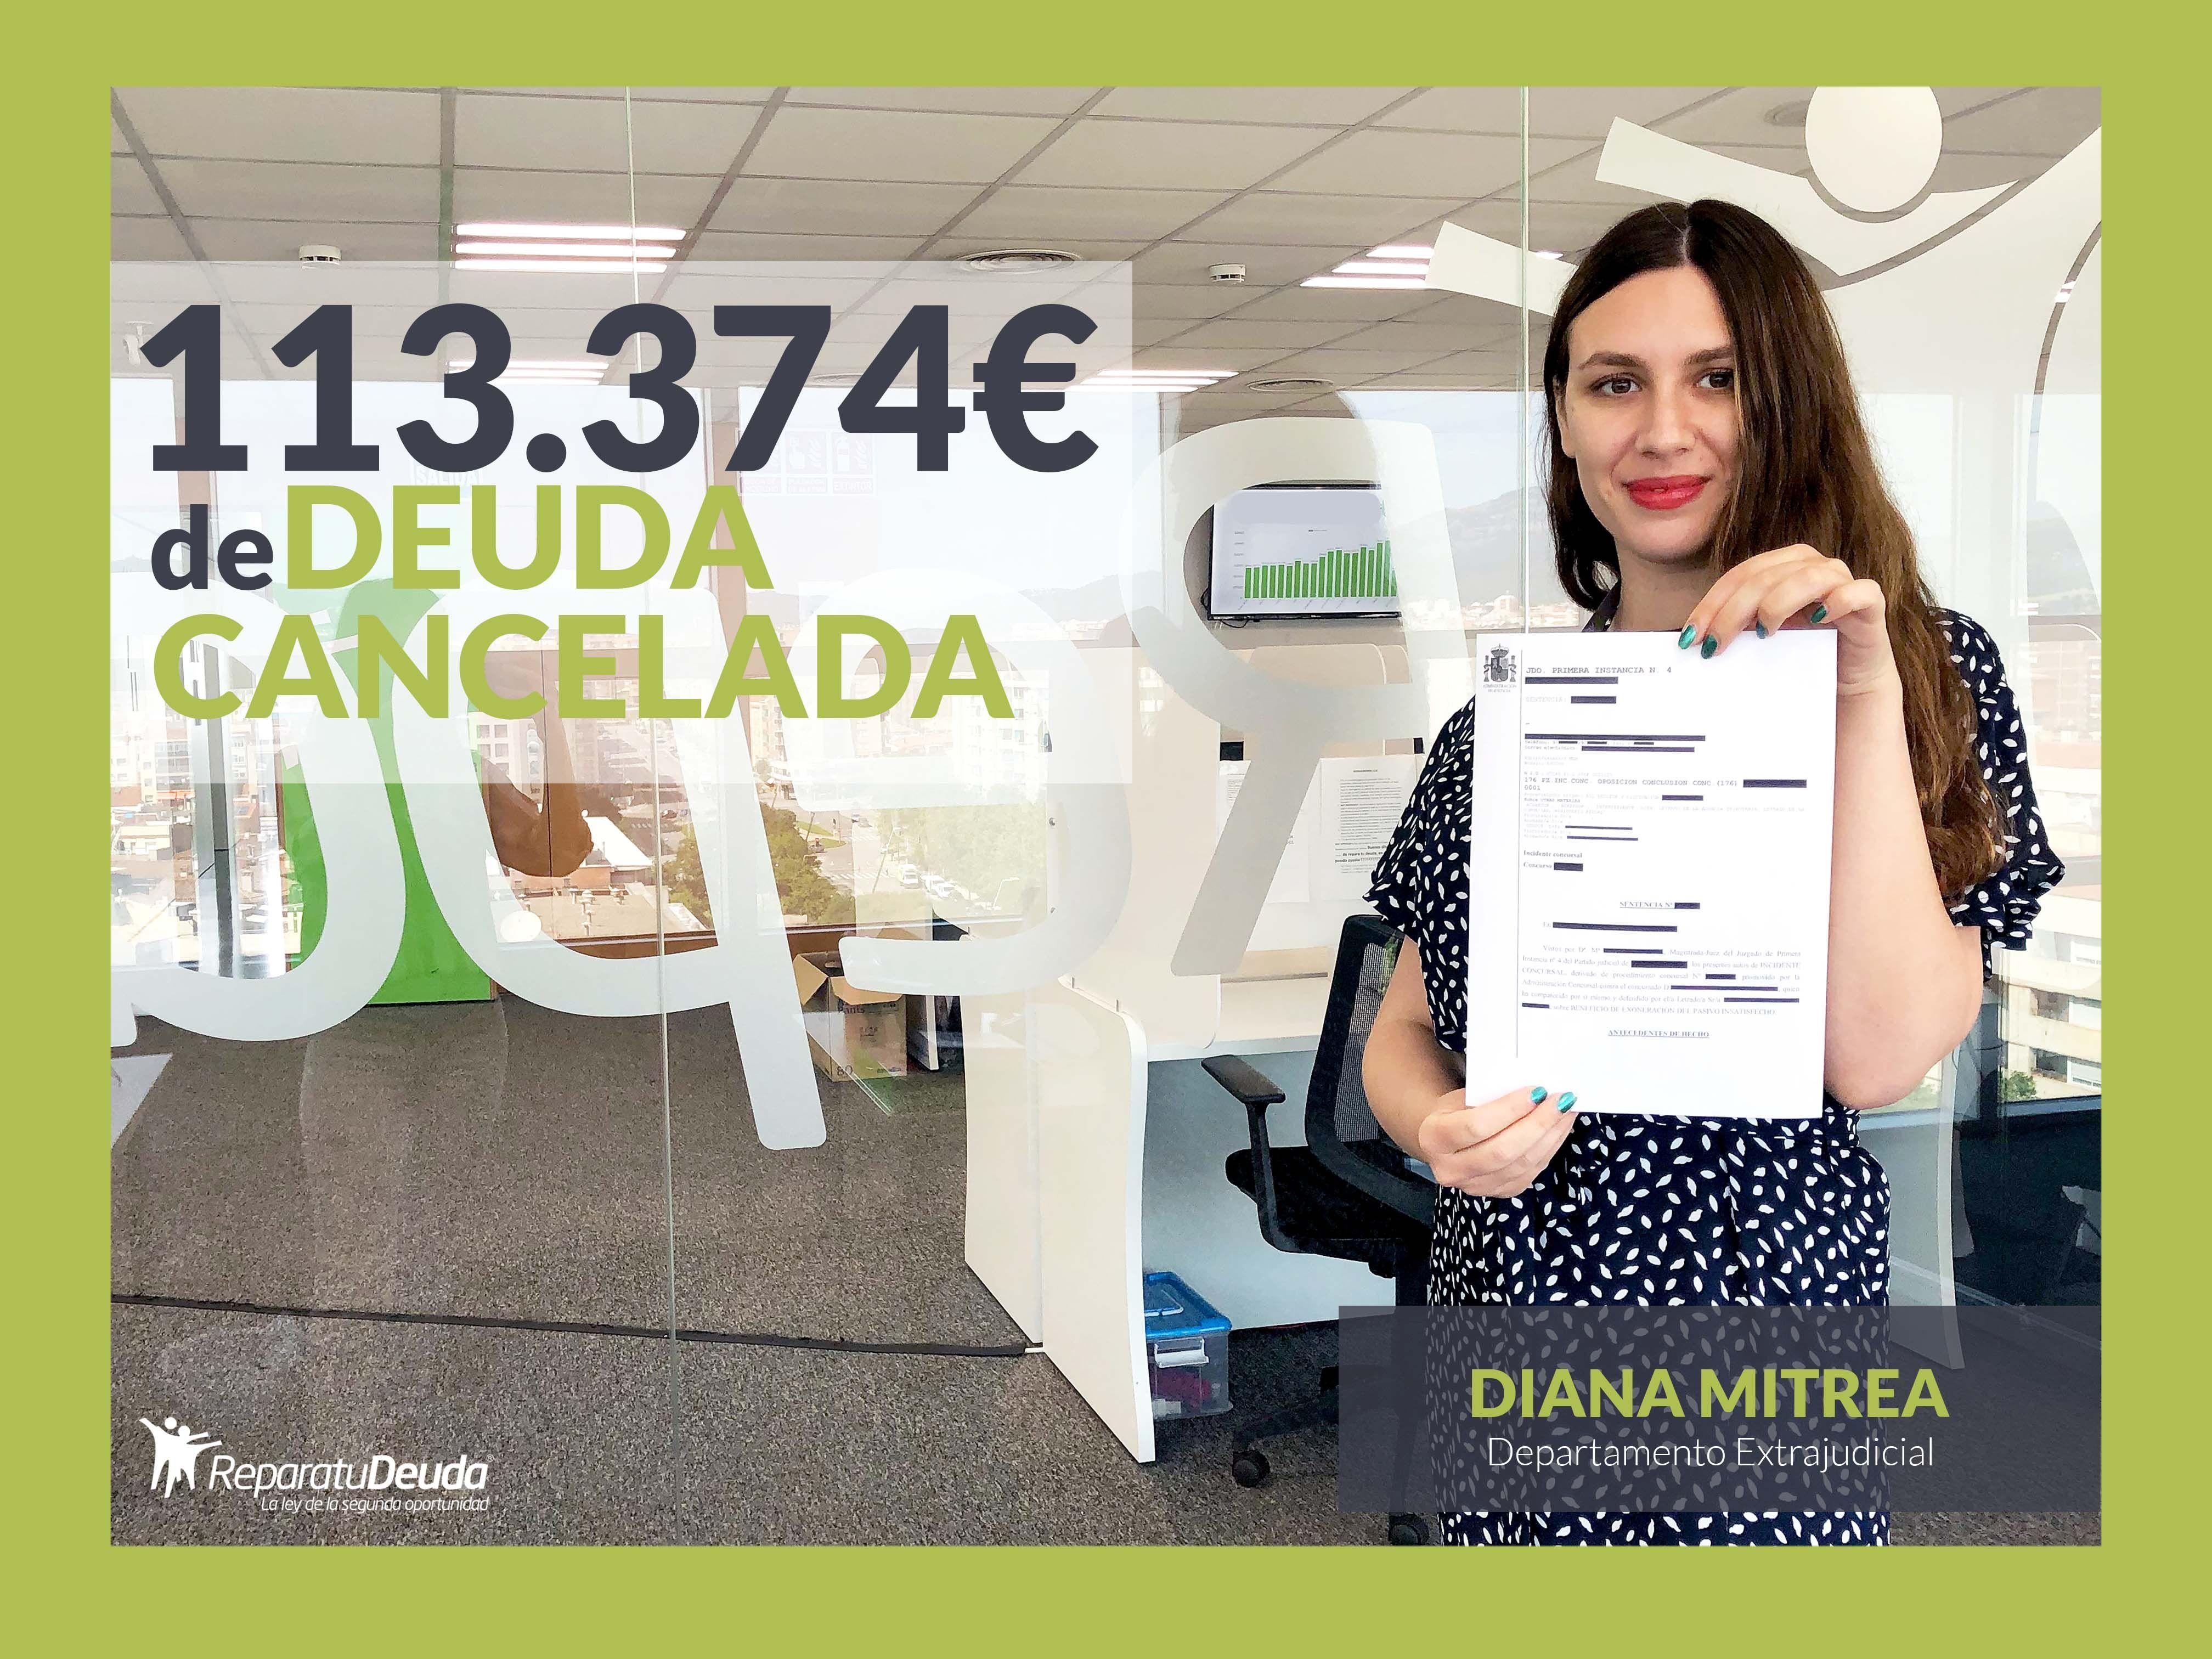 Repara tu deuda consigue en Santander (Cantabria), cancelar 148.899 ? con la Ley de Segunda Oportunidad